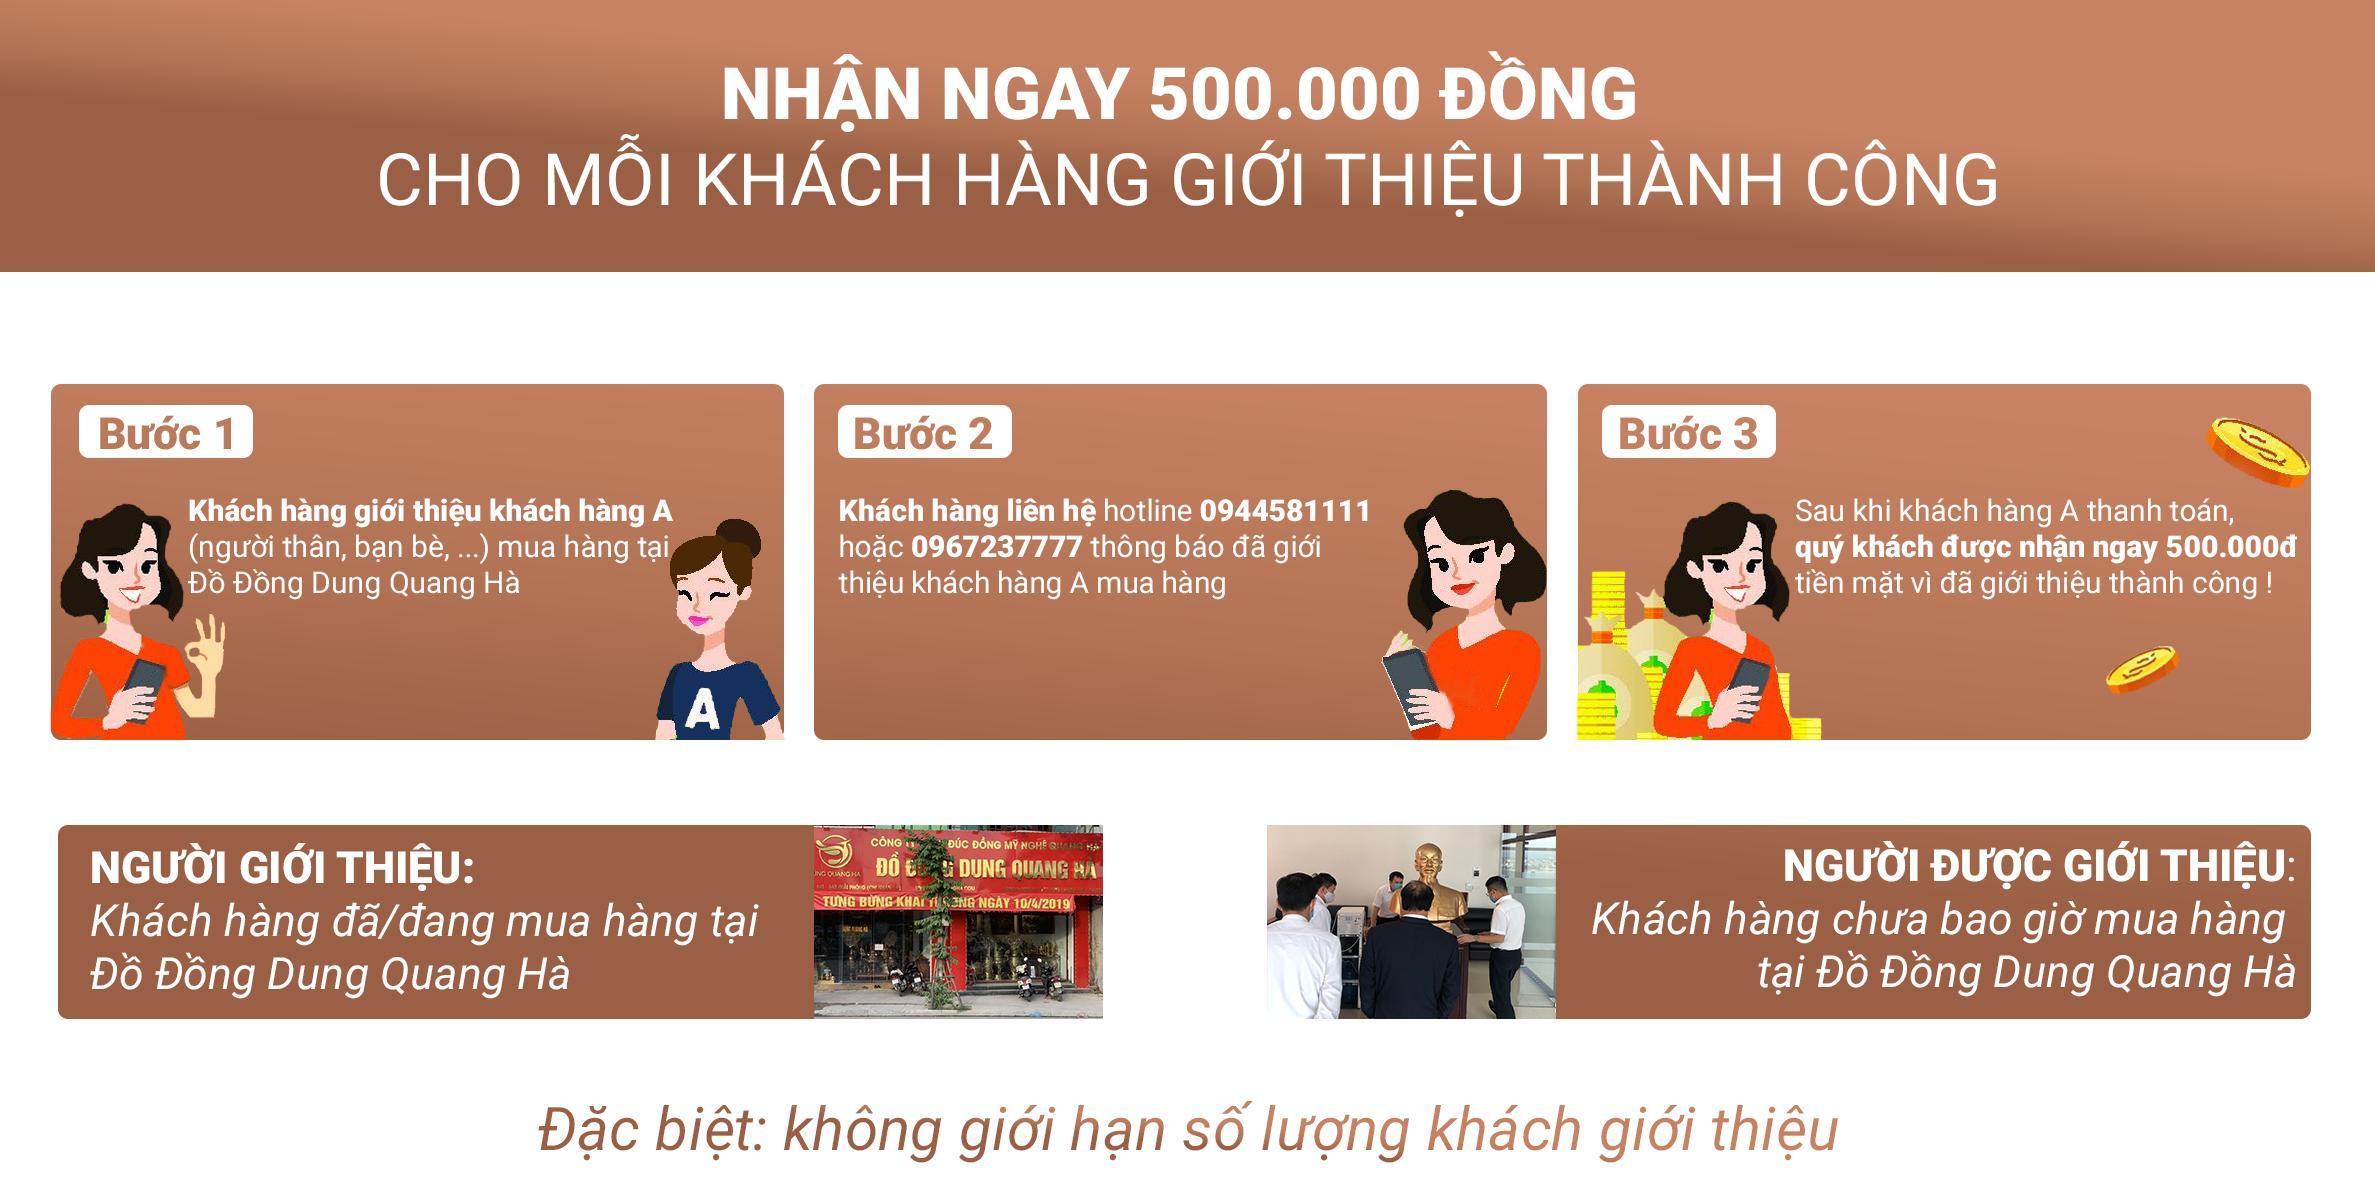 Giới thiệu khách hàng mới và nhận ngay quà tiền mặt từ Đồ Đồng Dung Quang Hà